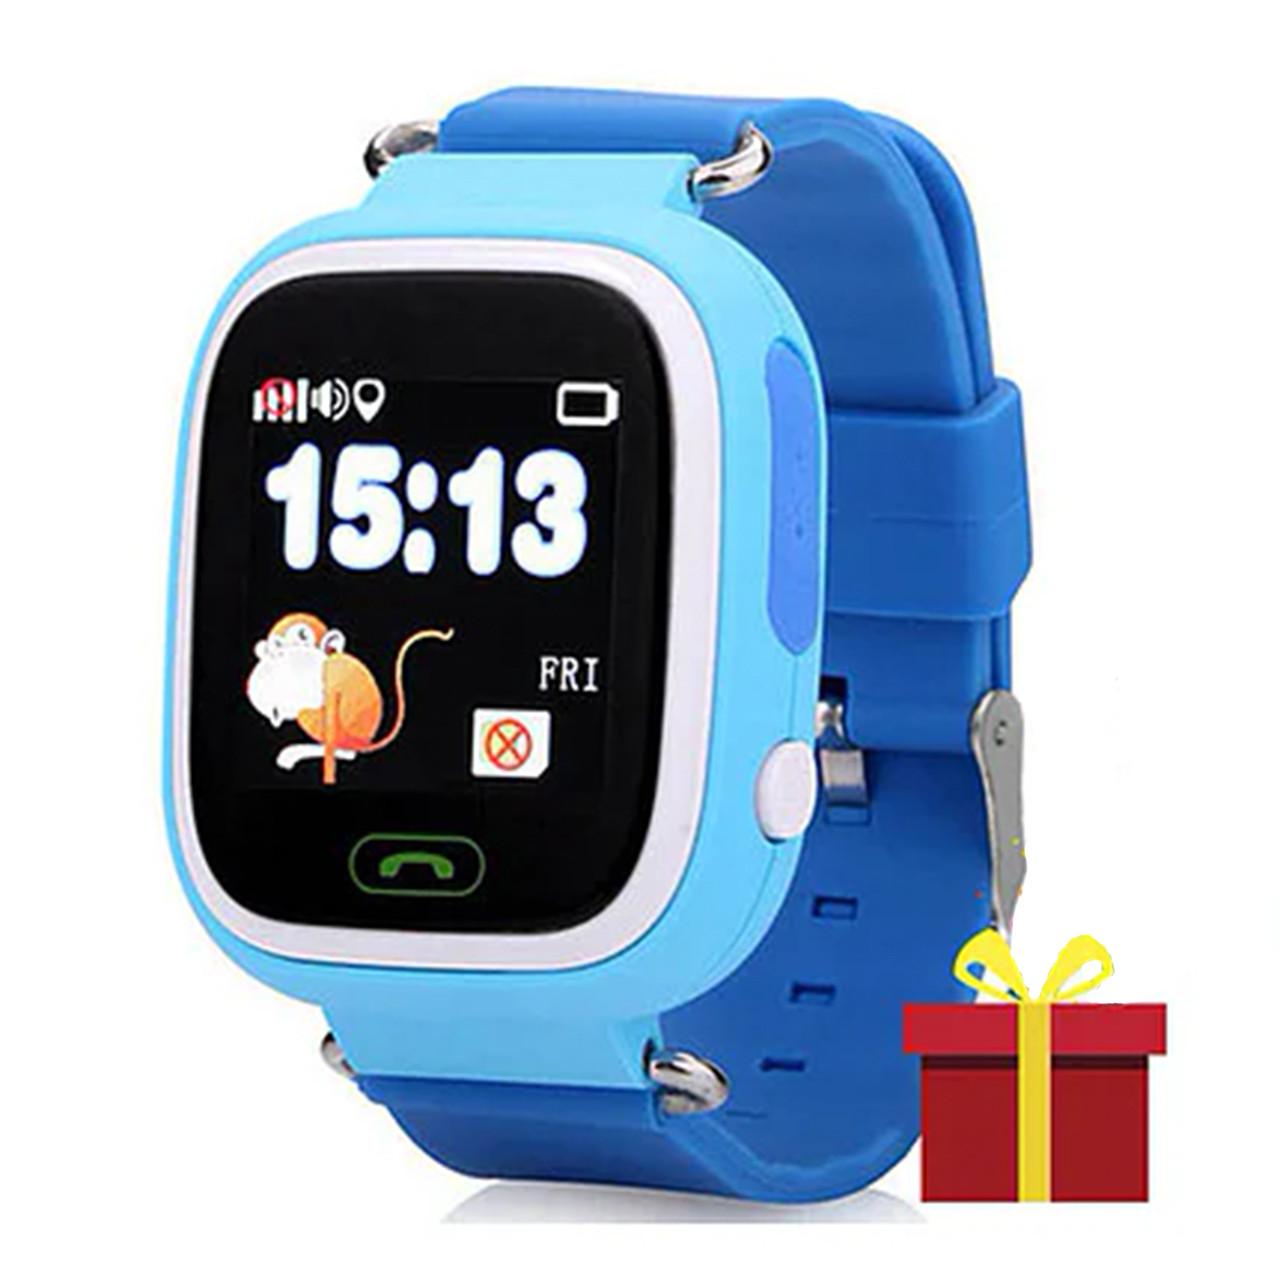 ✸Детские cмарт-часы UWatch Q90 Blue с функцией GPS\A-GPS трекера Wi-Fi сенсорный цветной экран Android IOS